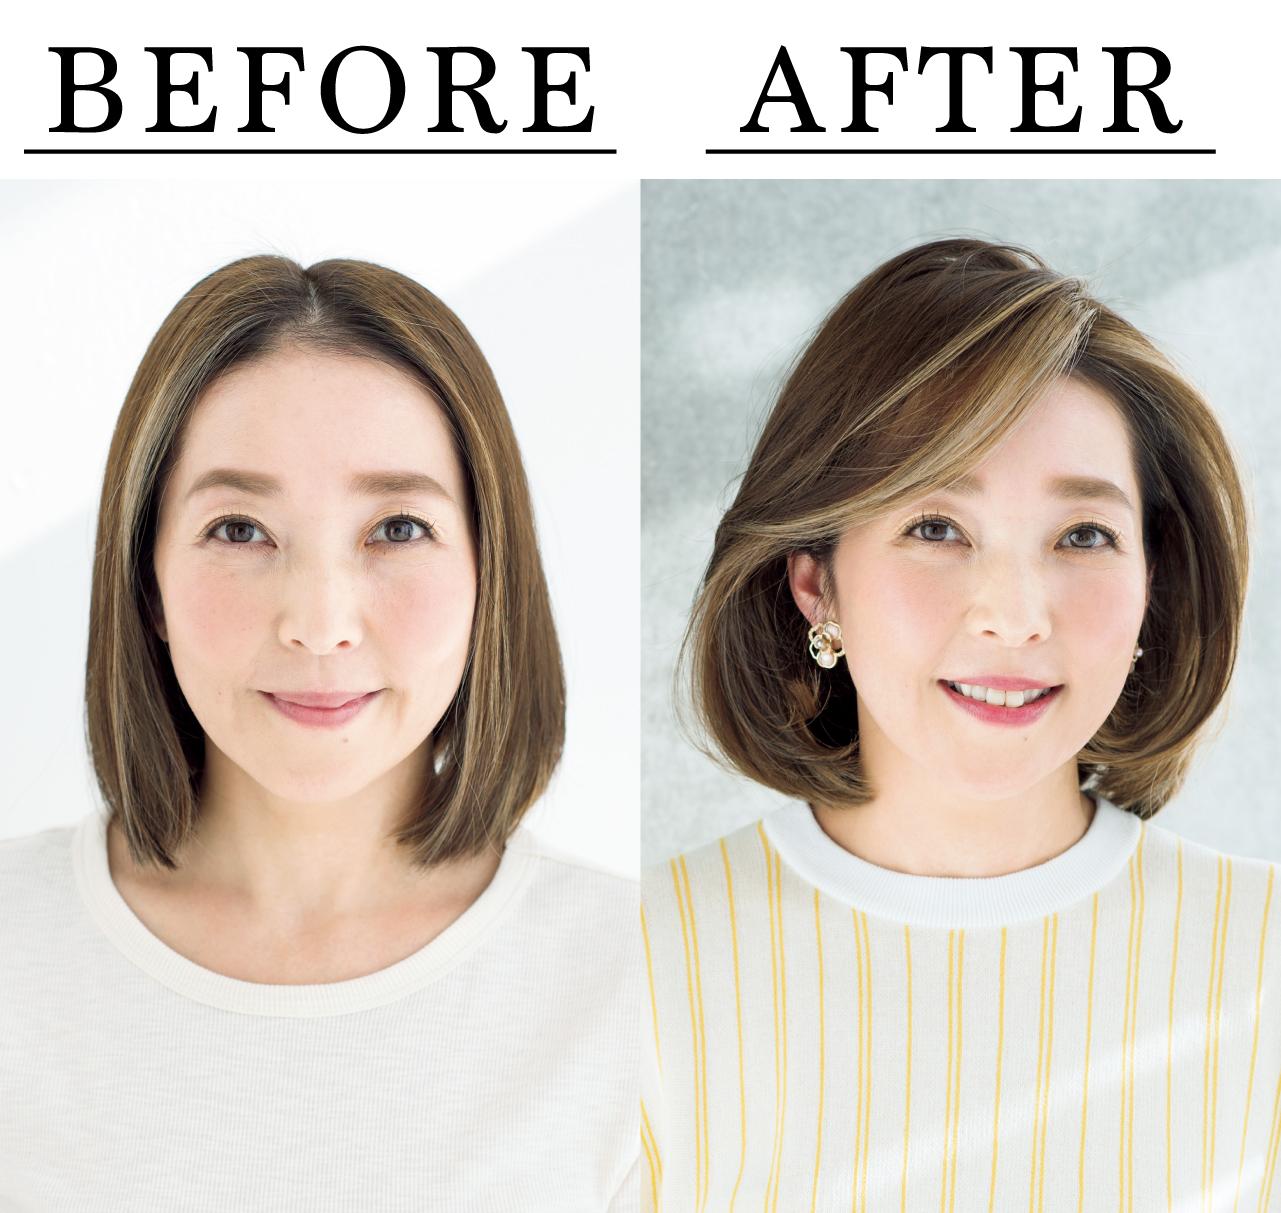 間宮秀子さん Before After